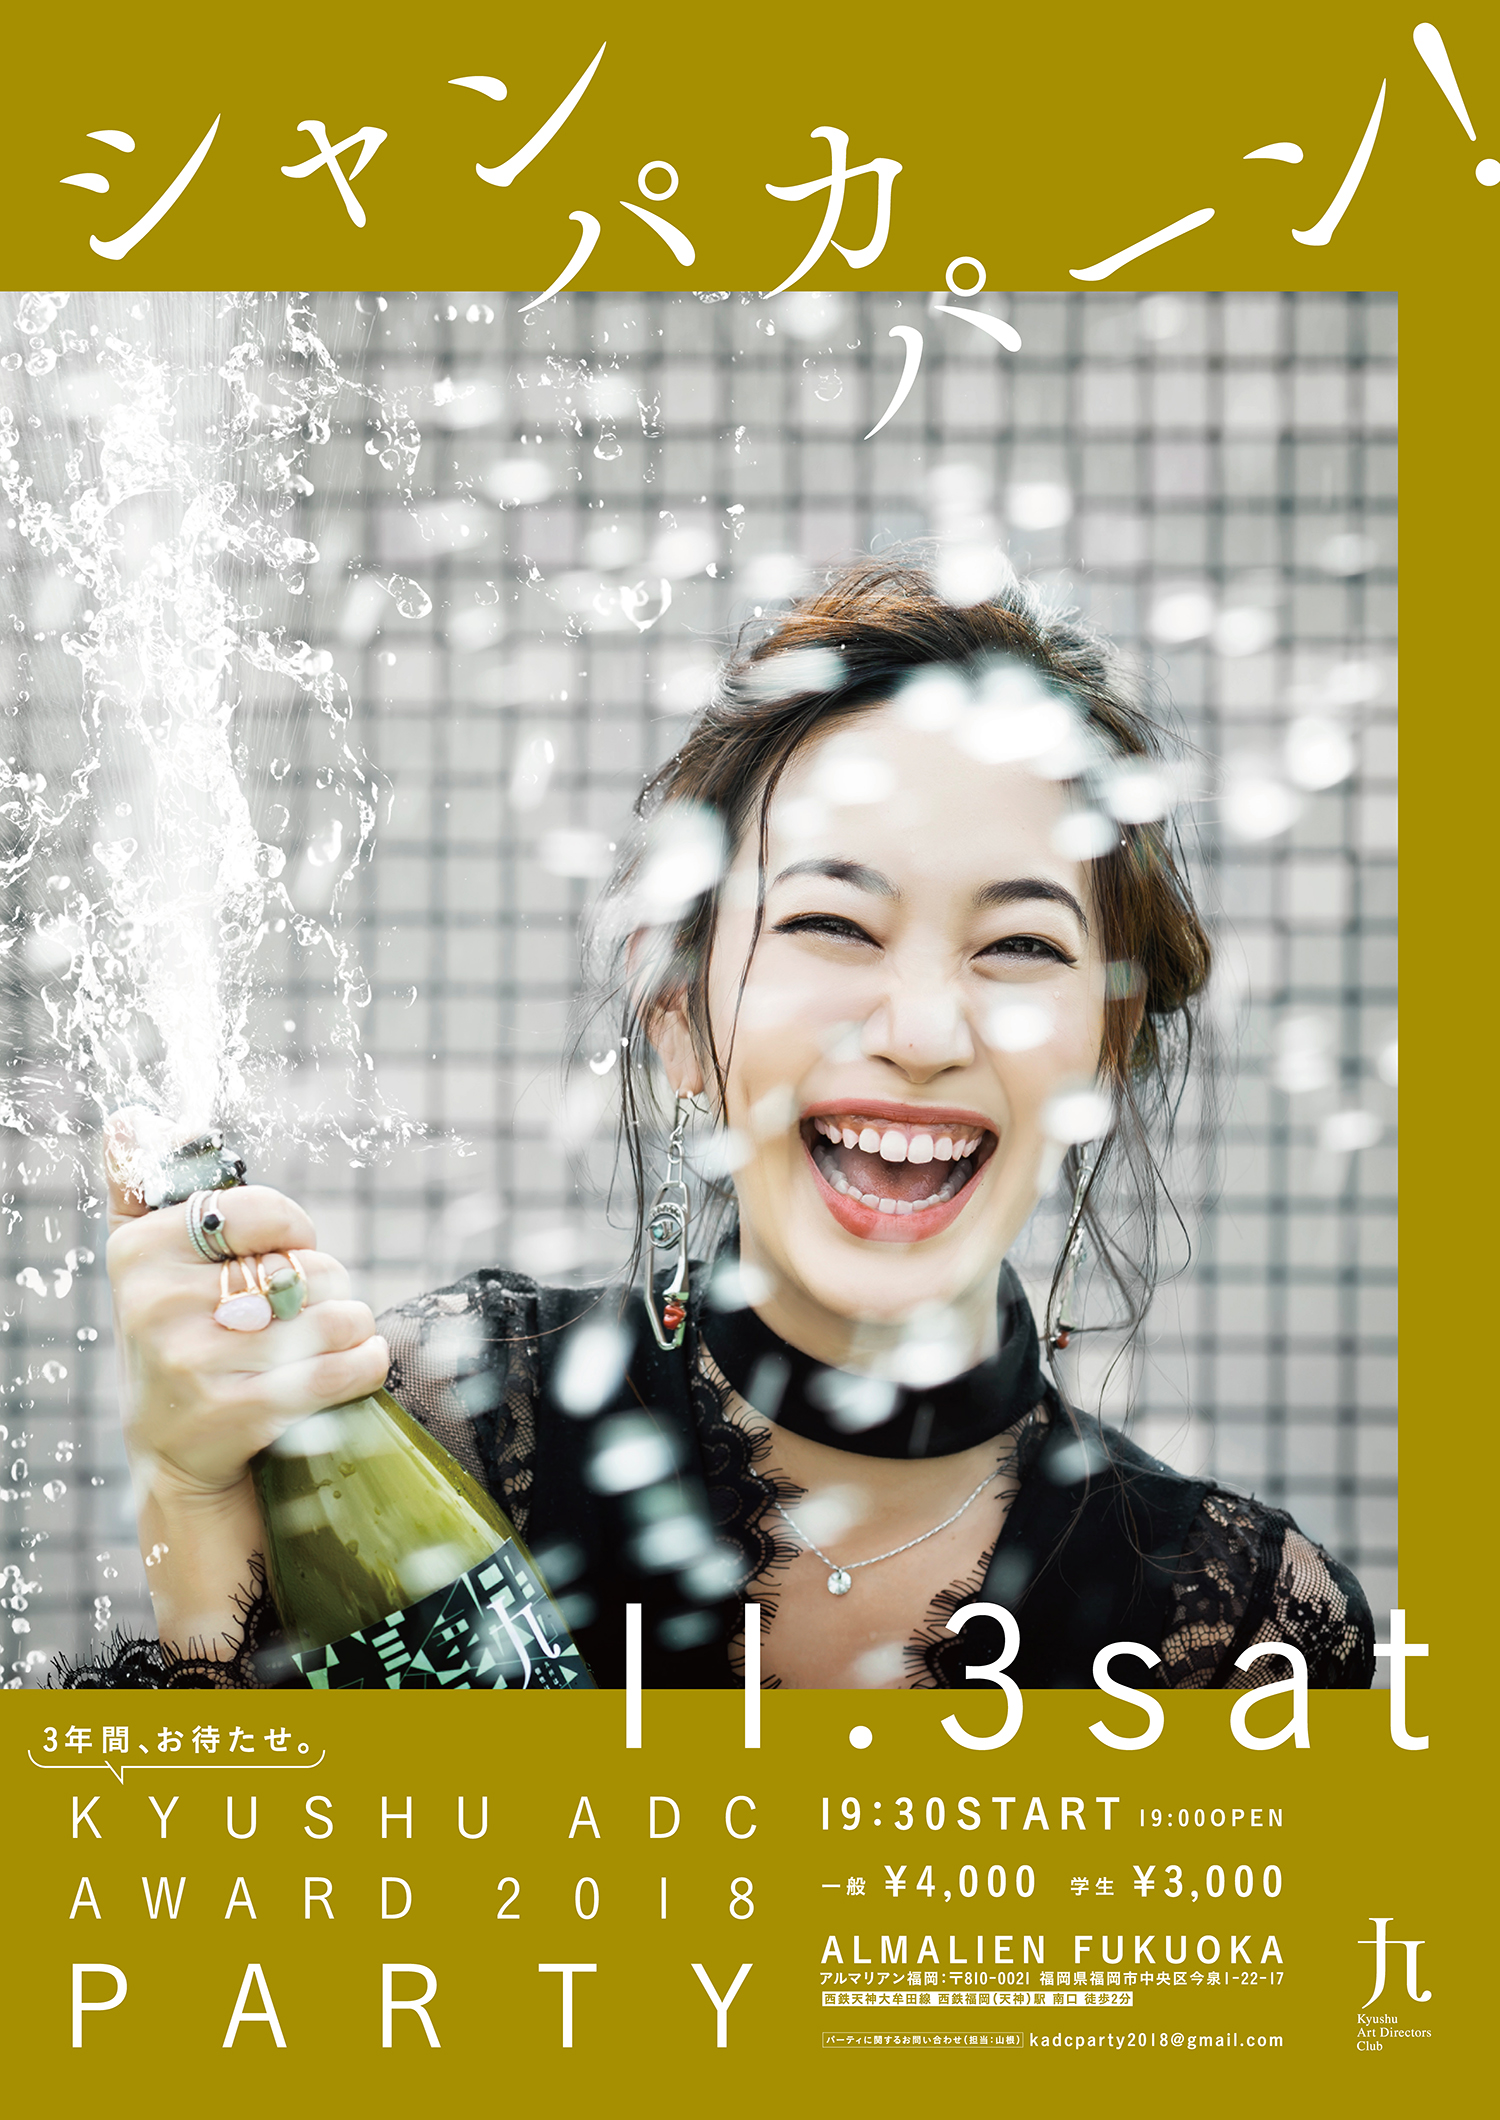 九州ADC AWARD2018 PARTY